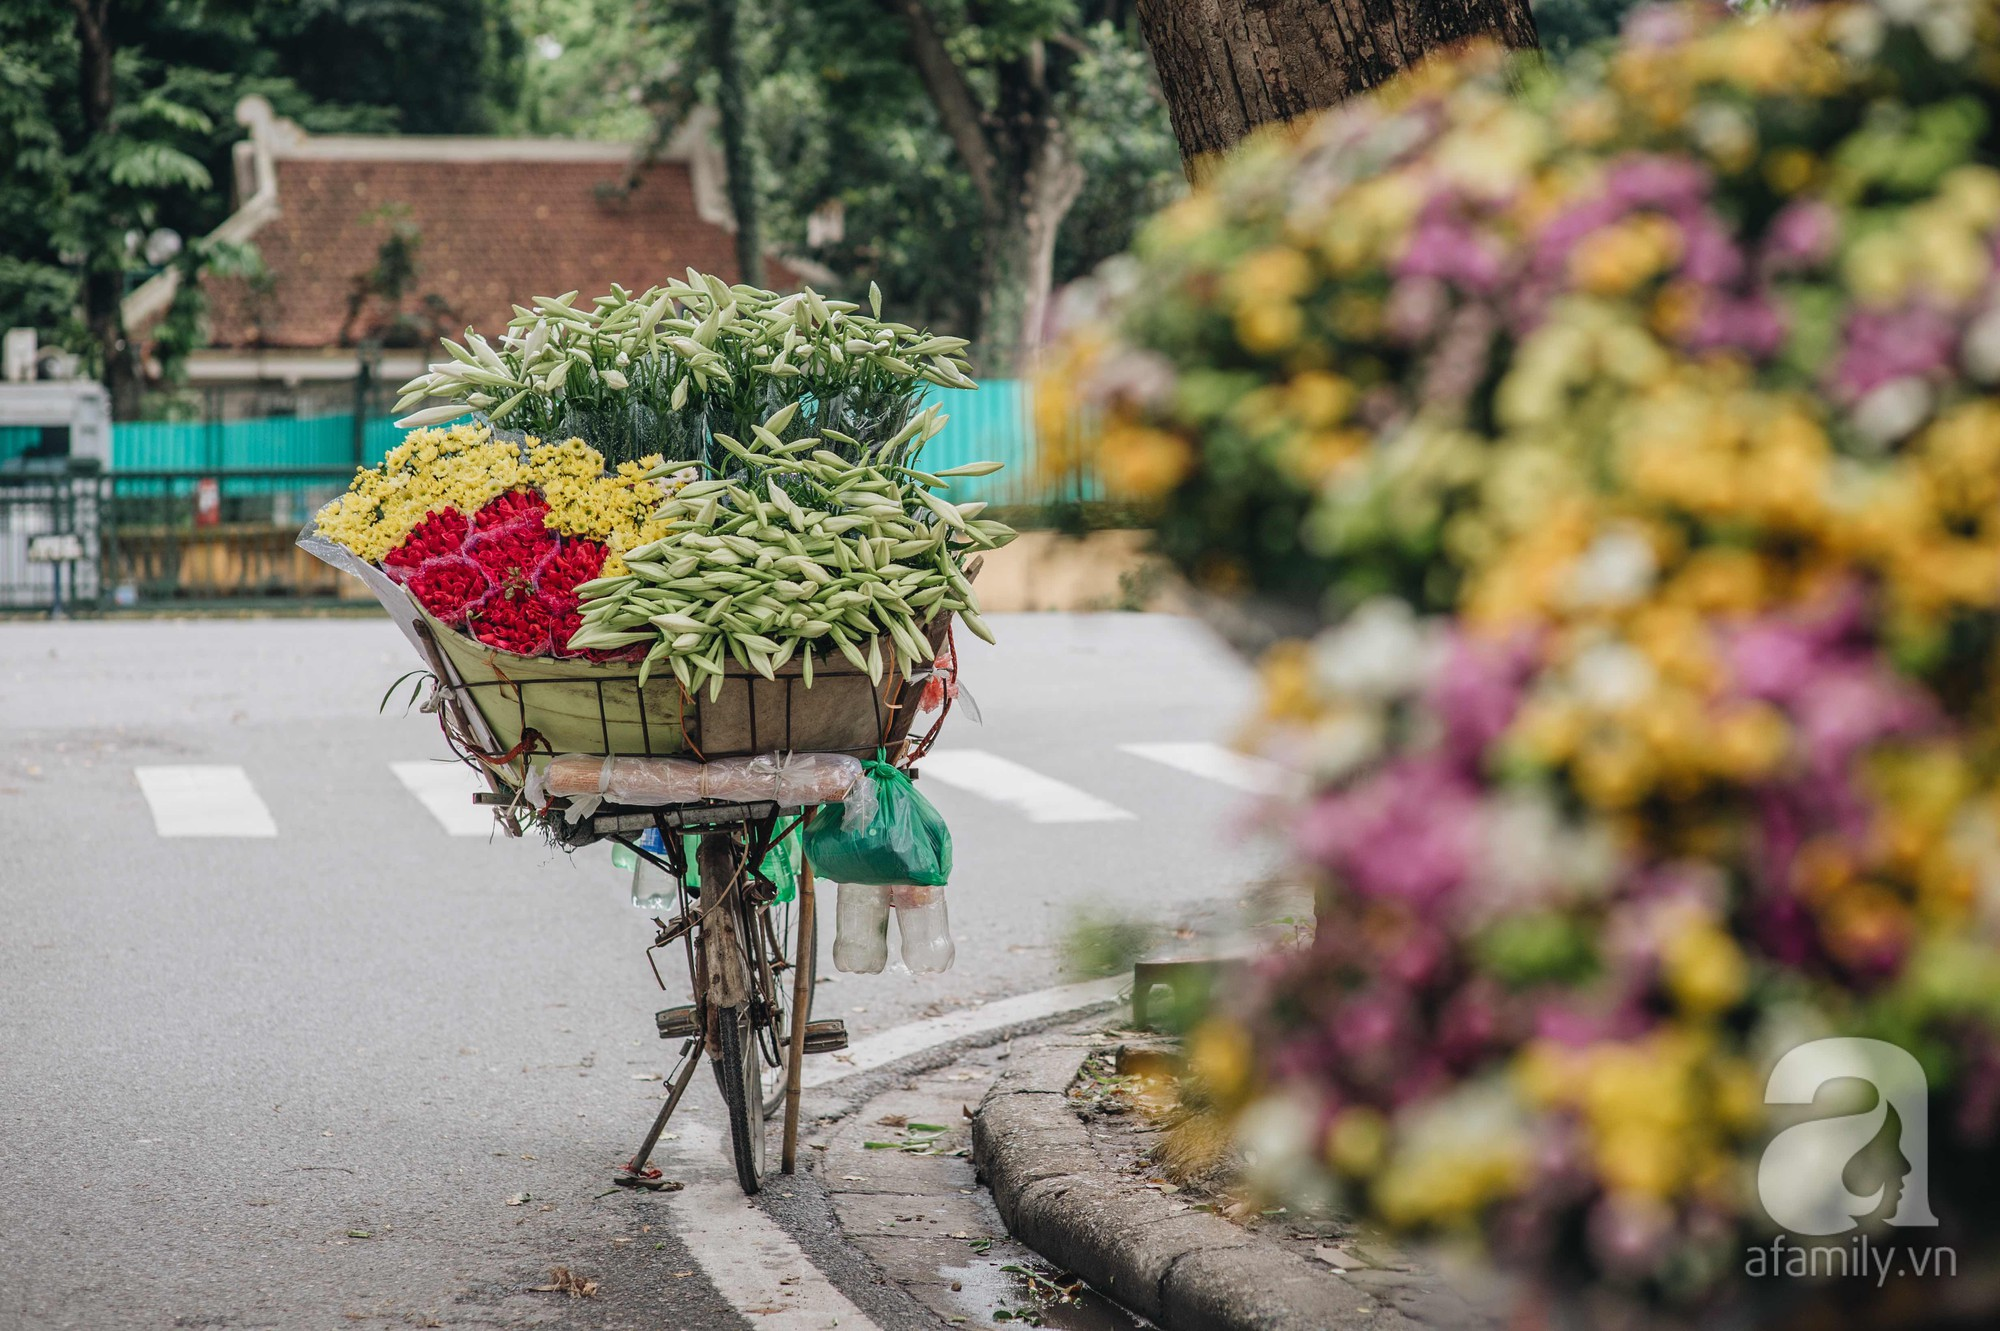 Tháng 4 về, Hà Nội lại dịu dàng những gánh loa kèn trắng tinh khôi, thơm nồng nàn khắp các góc phố-4